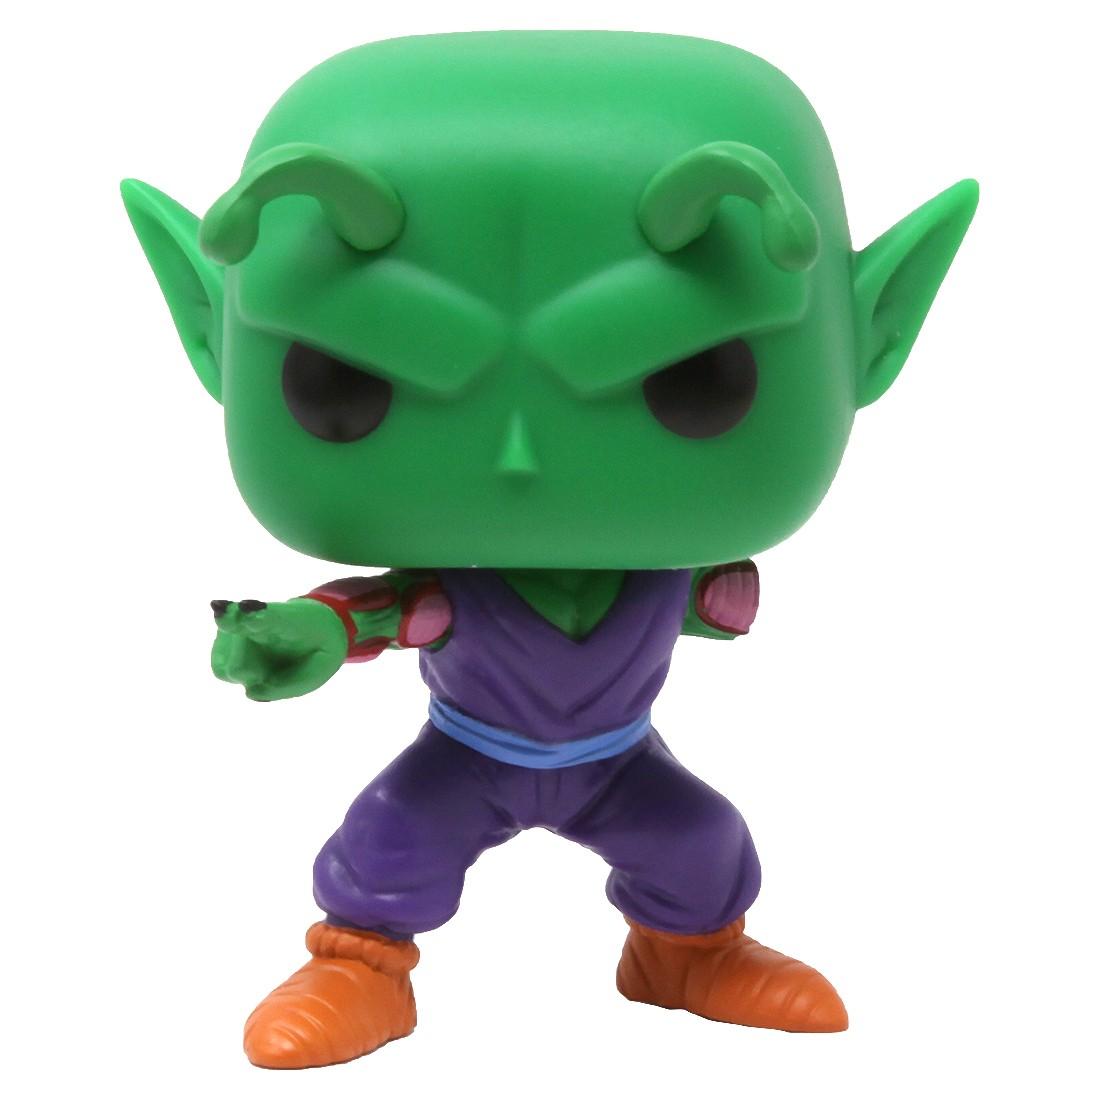 Funko POP Animation Dragon Ball Z Piccolo (green)